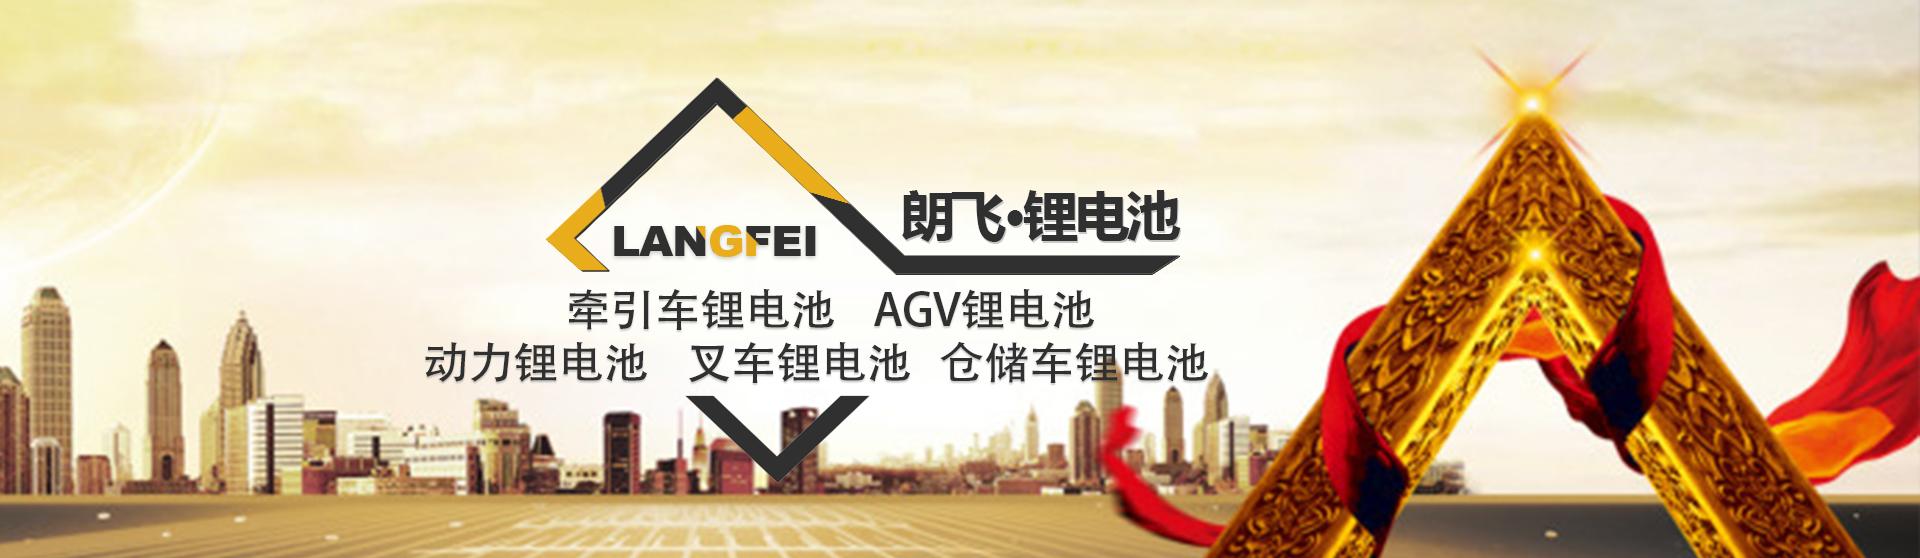 东莞市朗飞能源科技有限公司